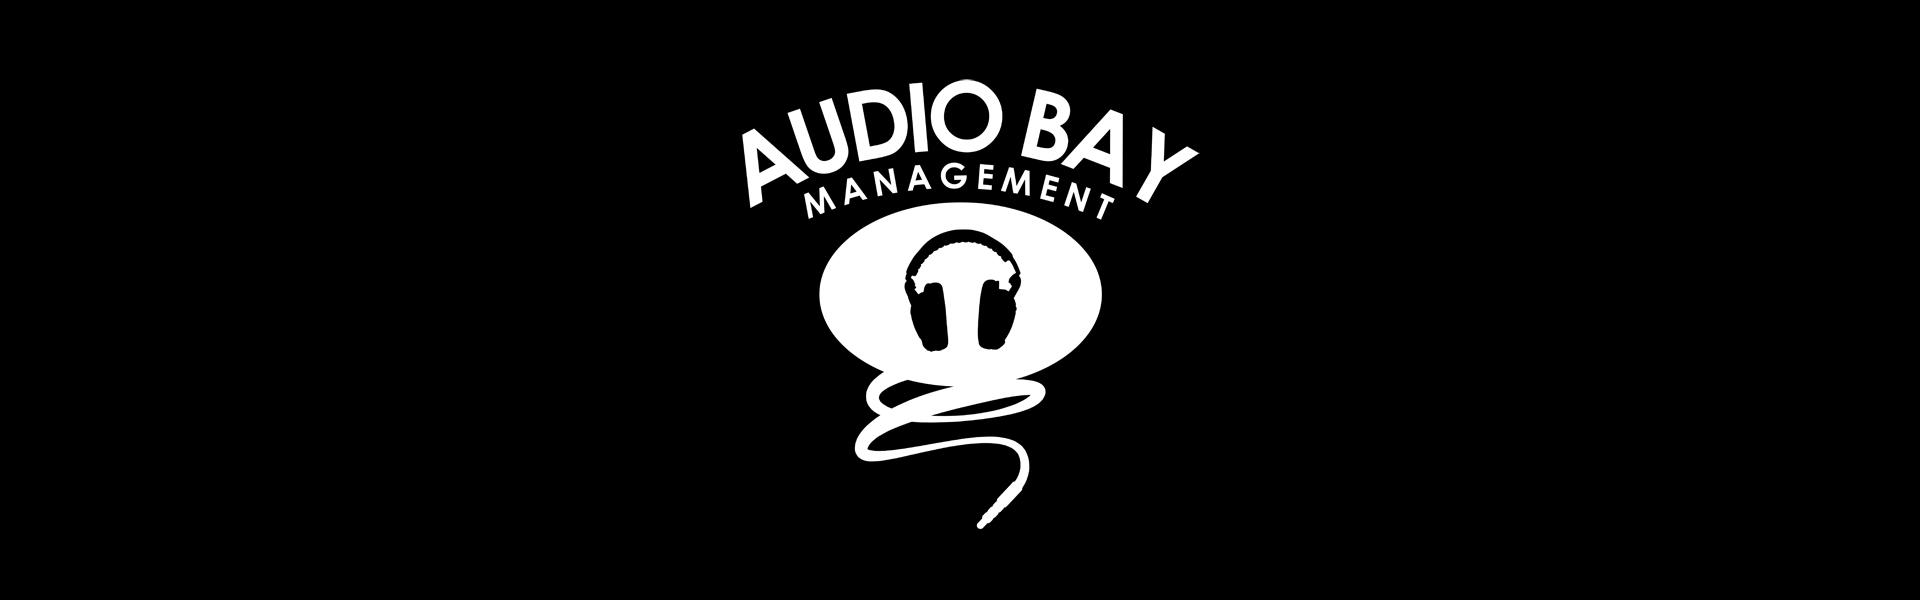 Audio Bay